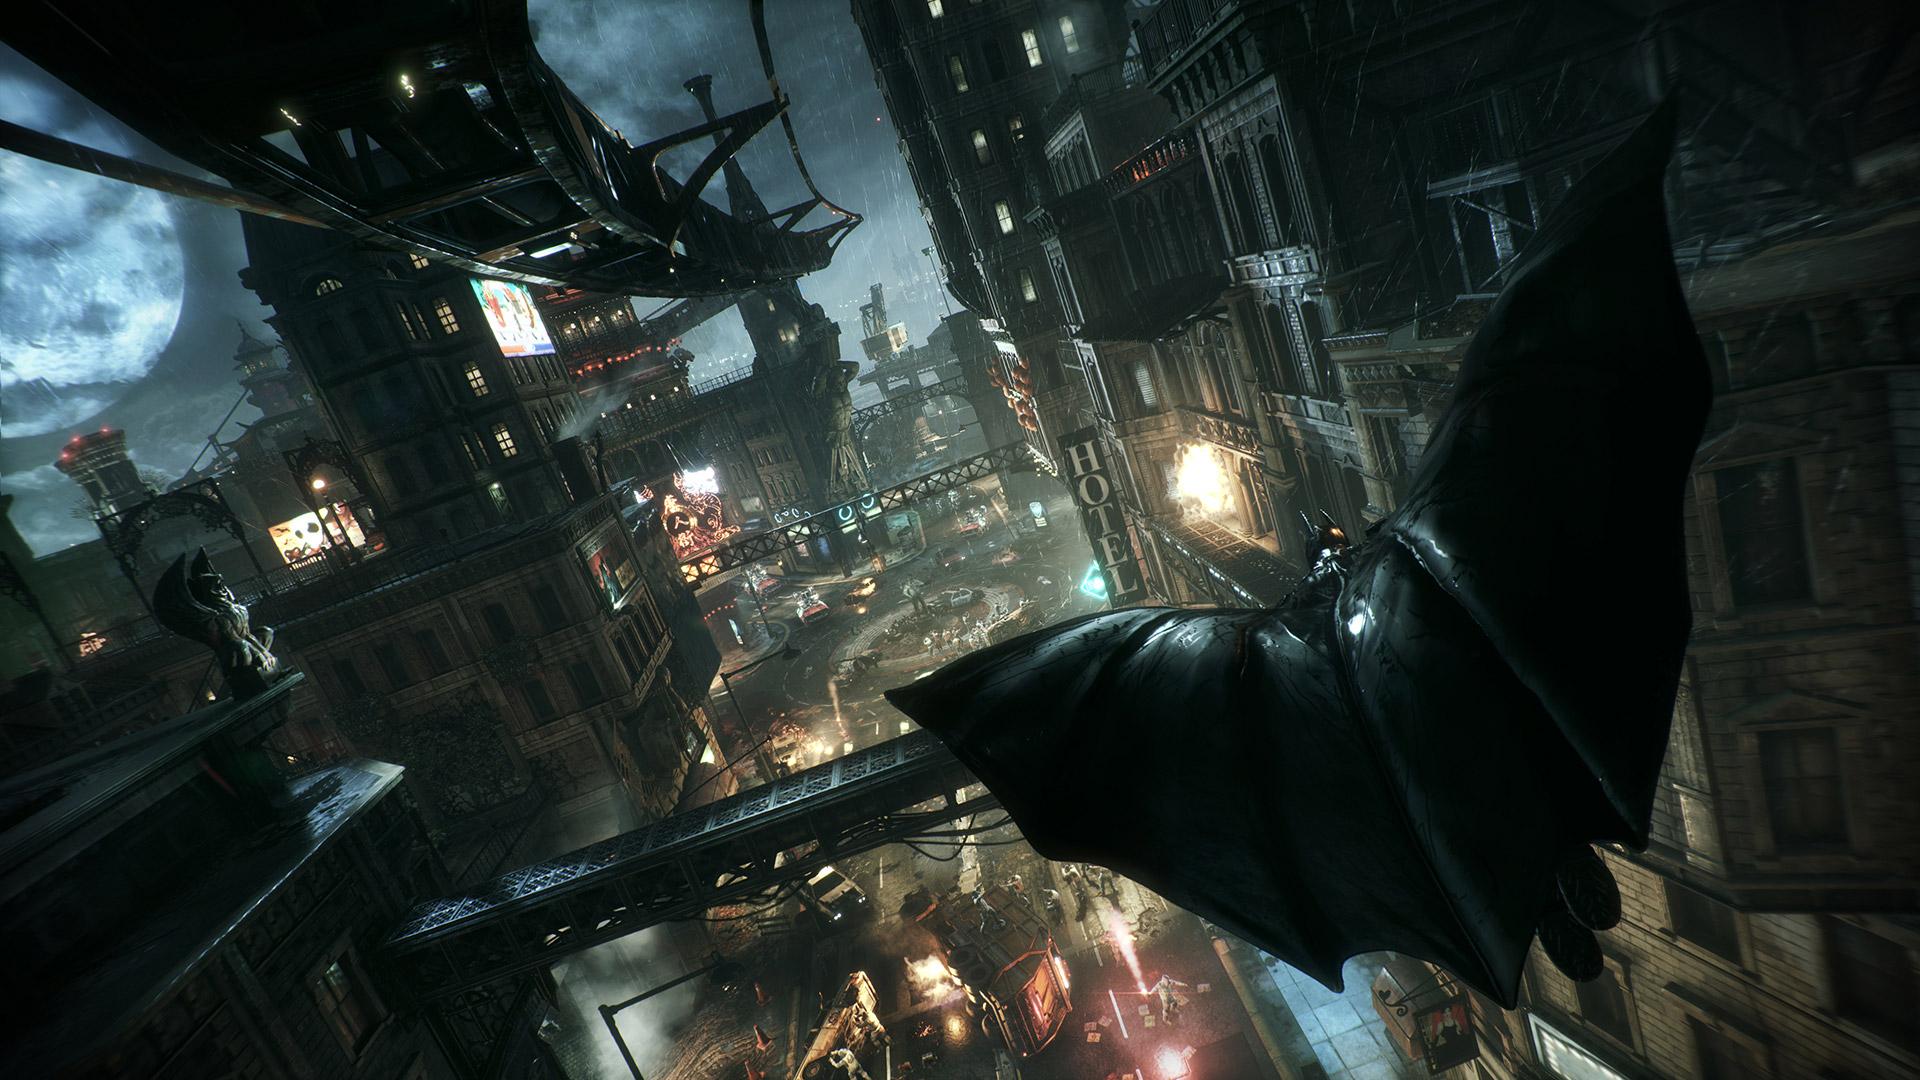 Arkham Knight Wallpaper In Batman Arkham Knight 4k Pc 2954819 Hd Wallpaper Backgrounds Download